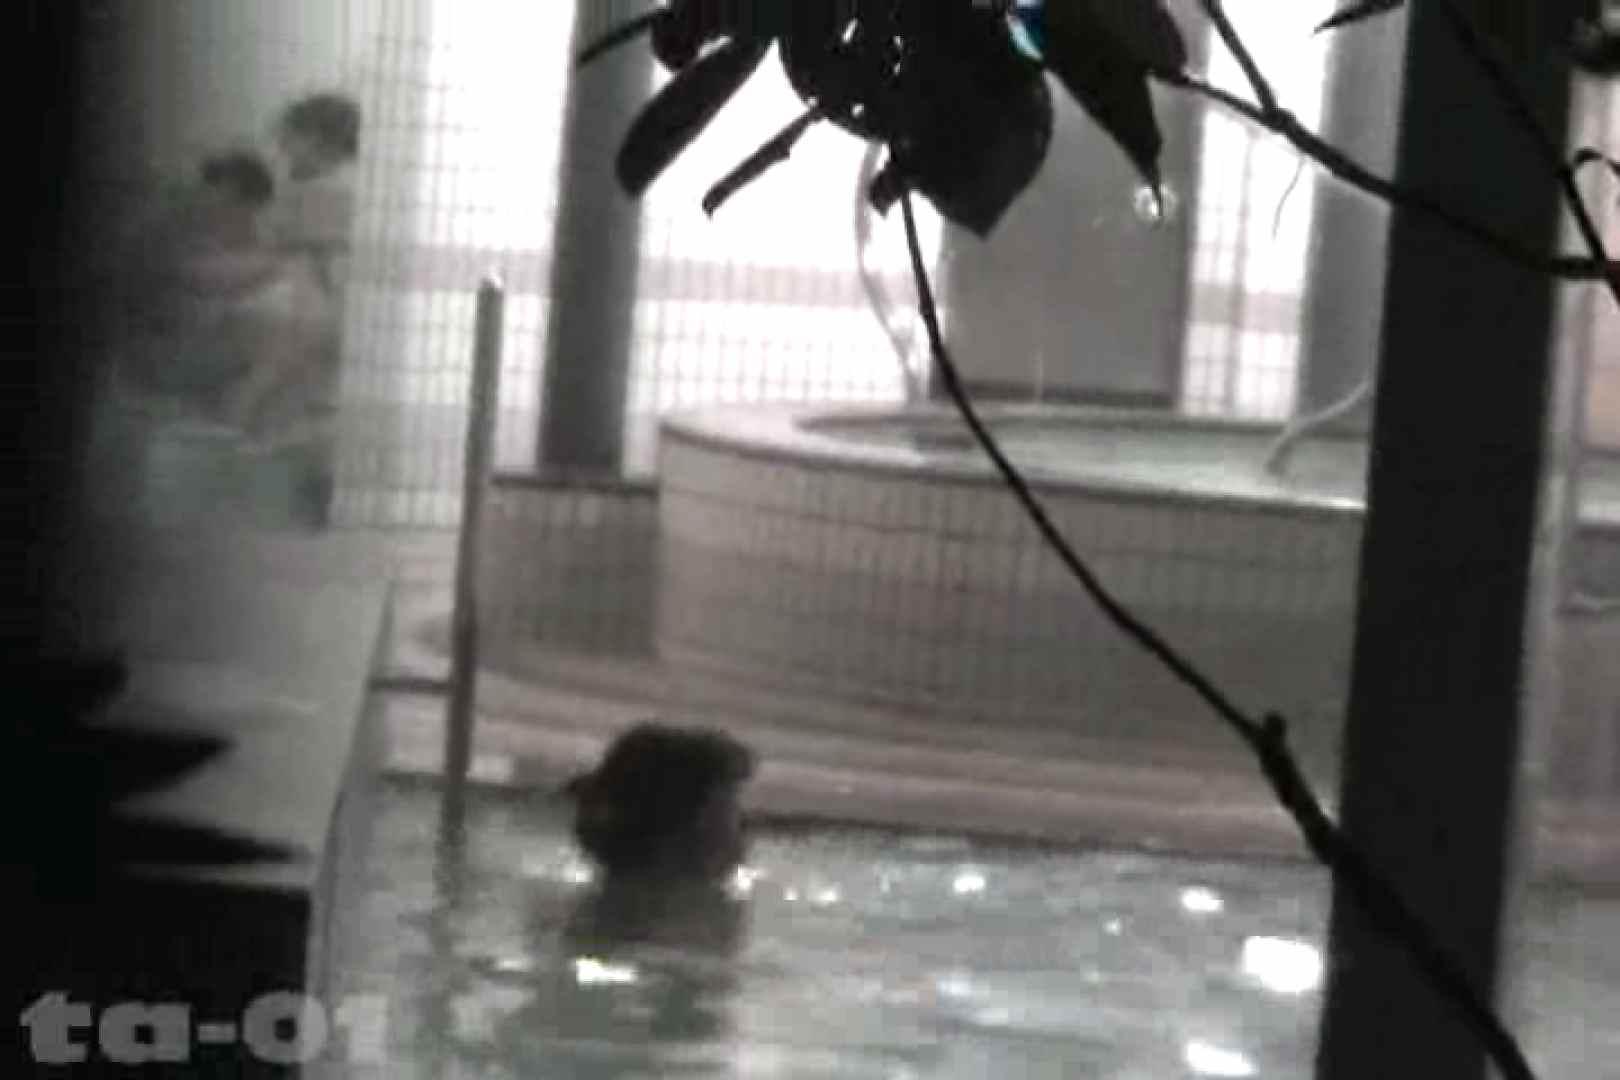 合宿ホテル女風呂盗撮高画質版 Vol.01 高画質動画   ホテルでエッチ  106画像 16